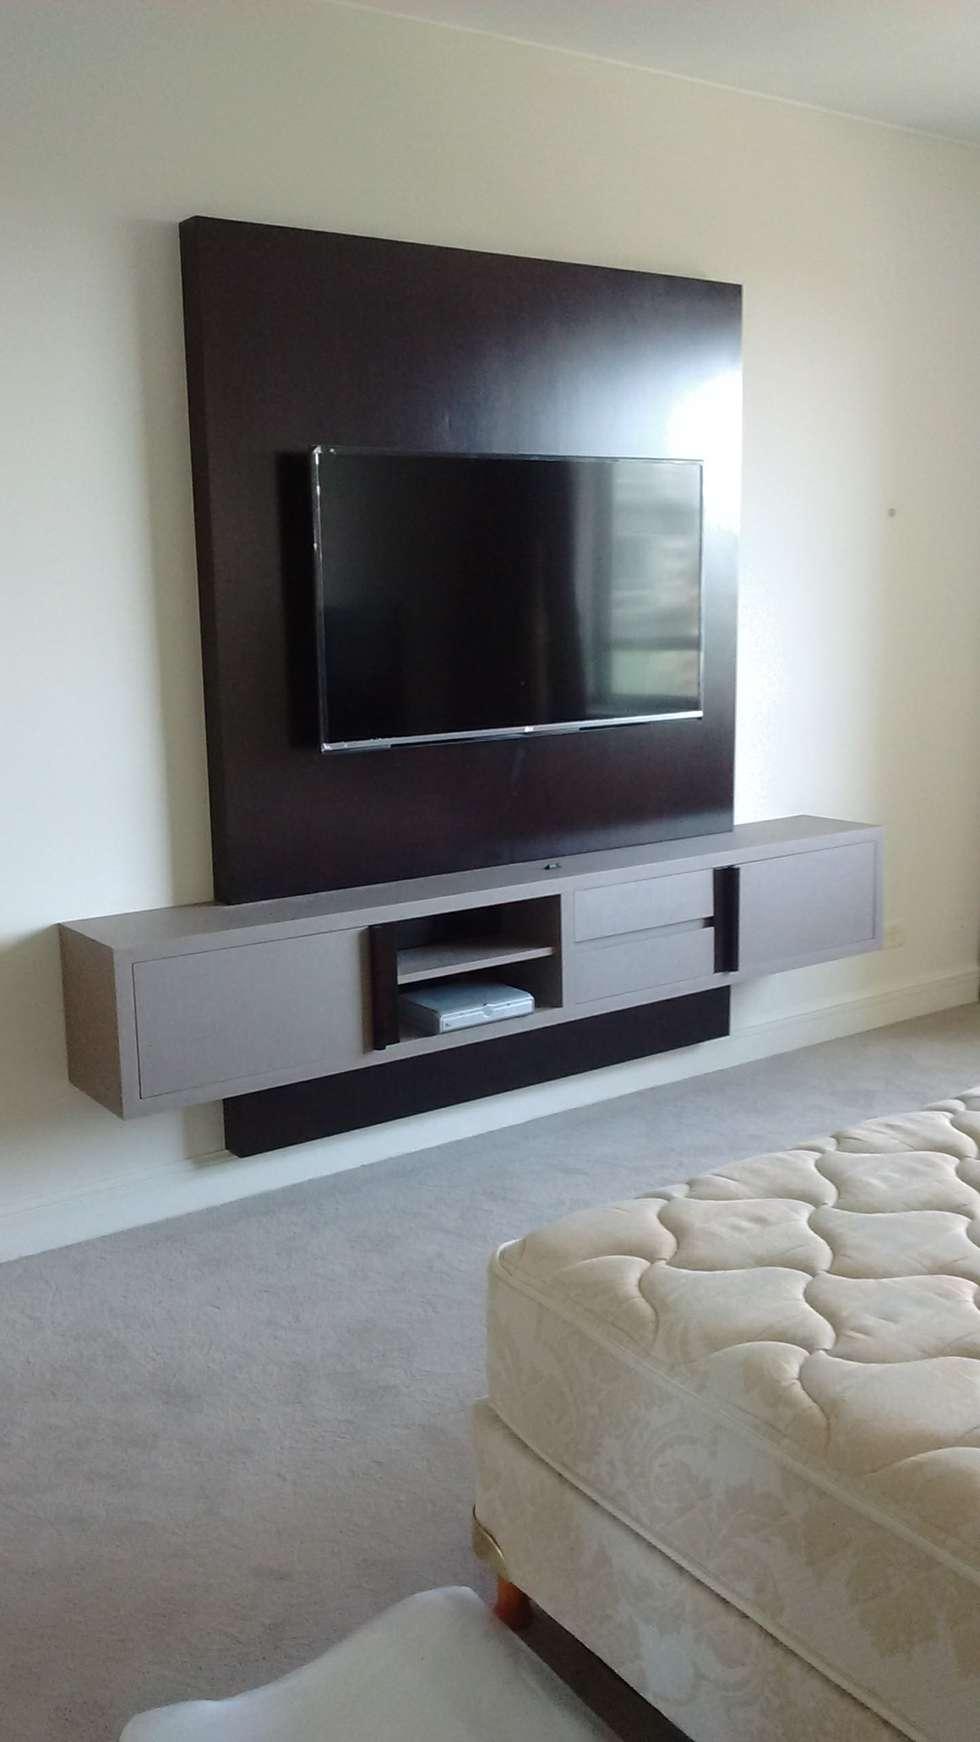 Muebles de tv para dormitorios mueble tv centro de - Mueble tv dormitorio ...